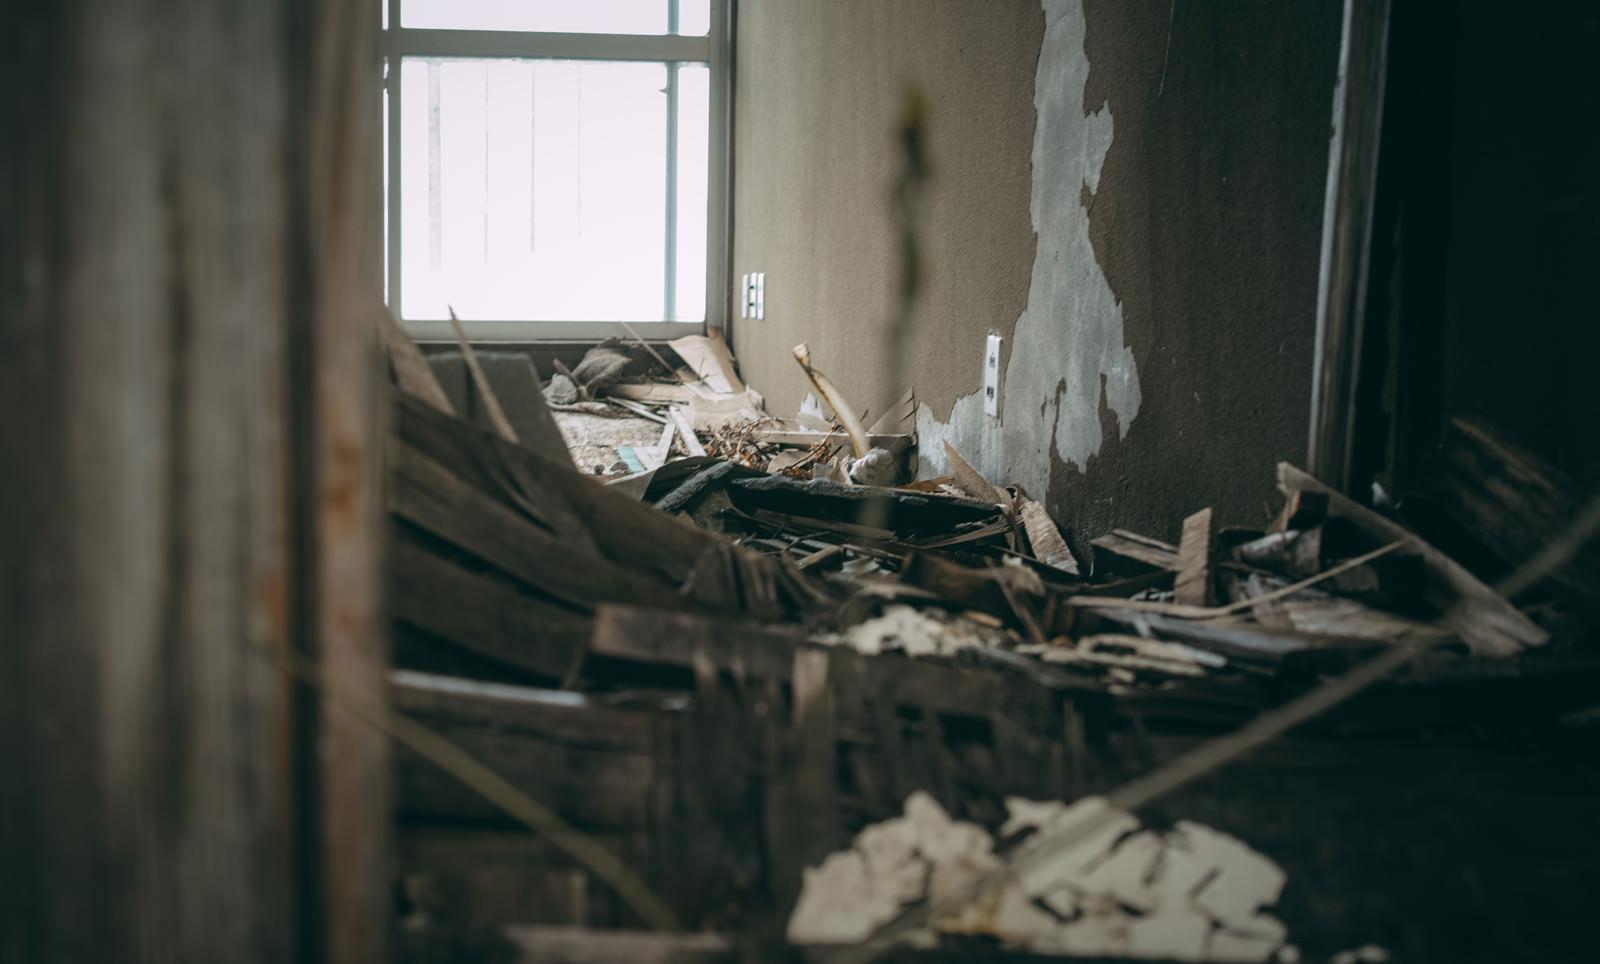 「もう戻らない思い出と部屋」の写真